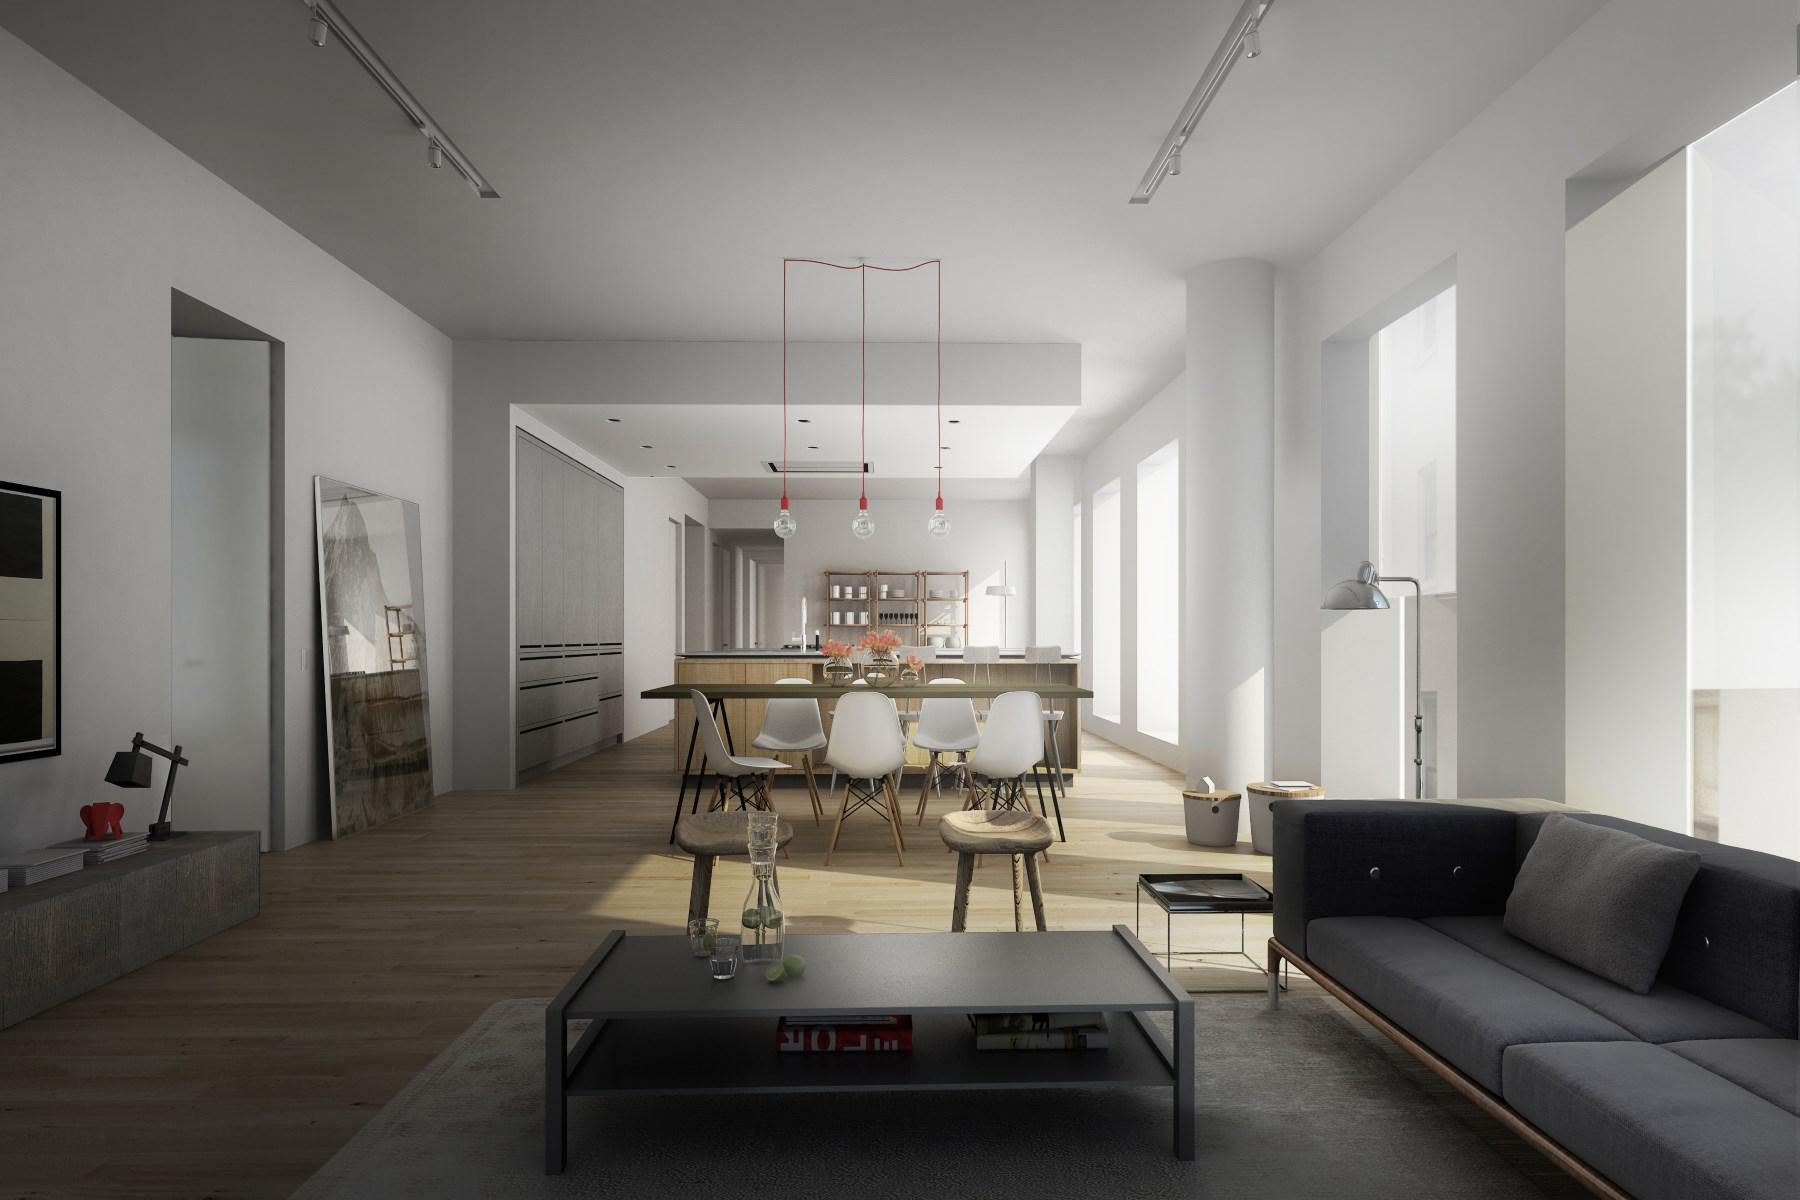 共管式独立产权公寓 为 销售 在 1 John Street, PHA 1 John Street Apt Pha Dumbo, Brooklyn, 纽约州 11201 美国